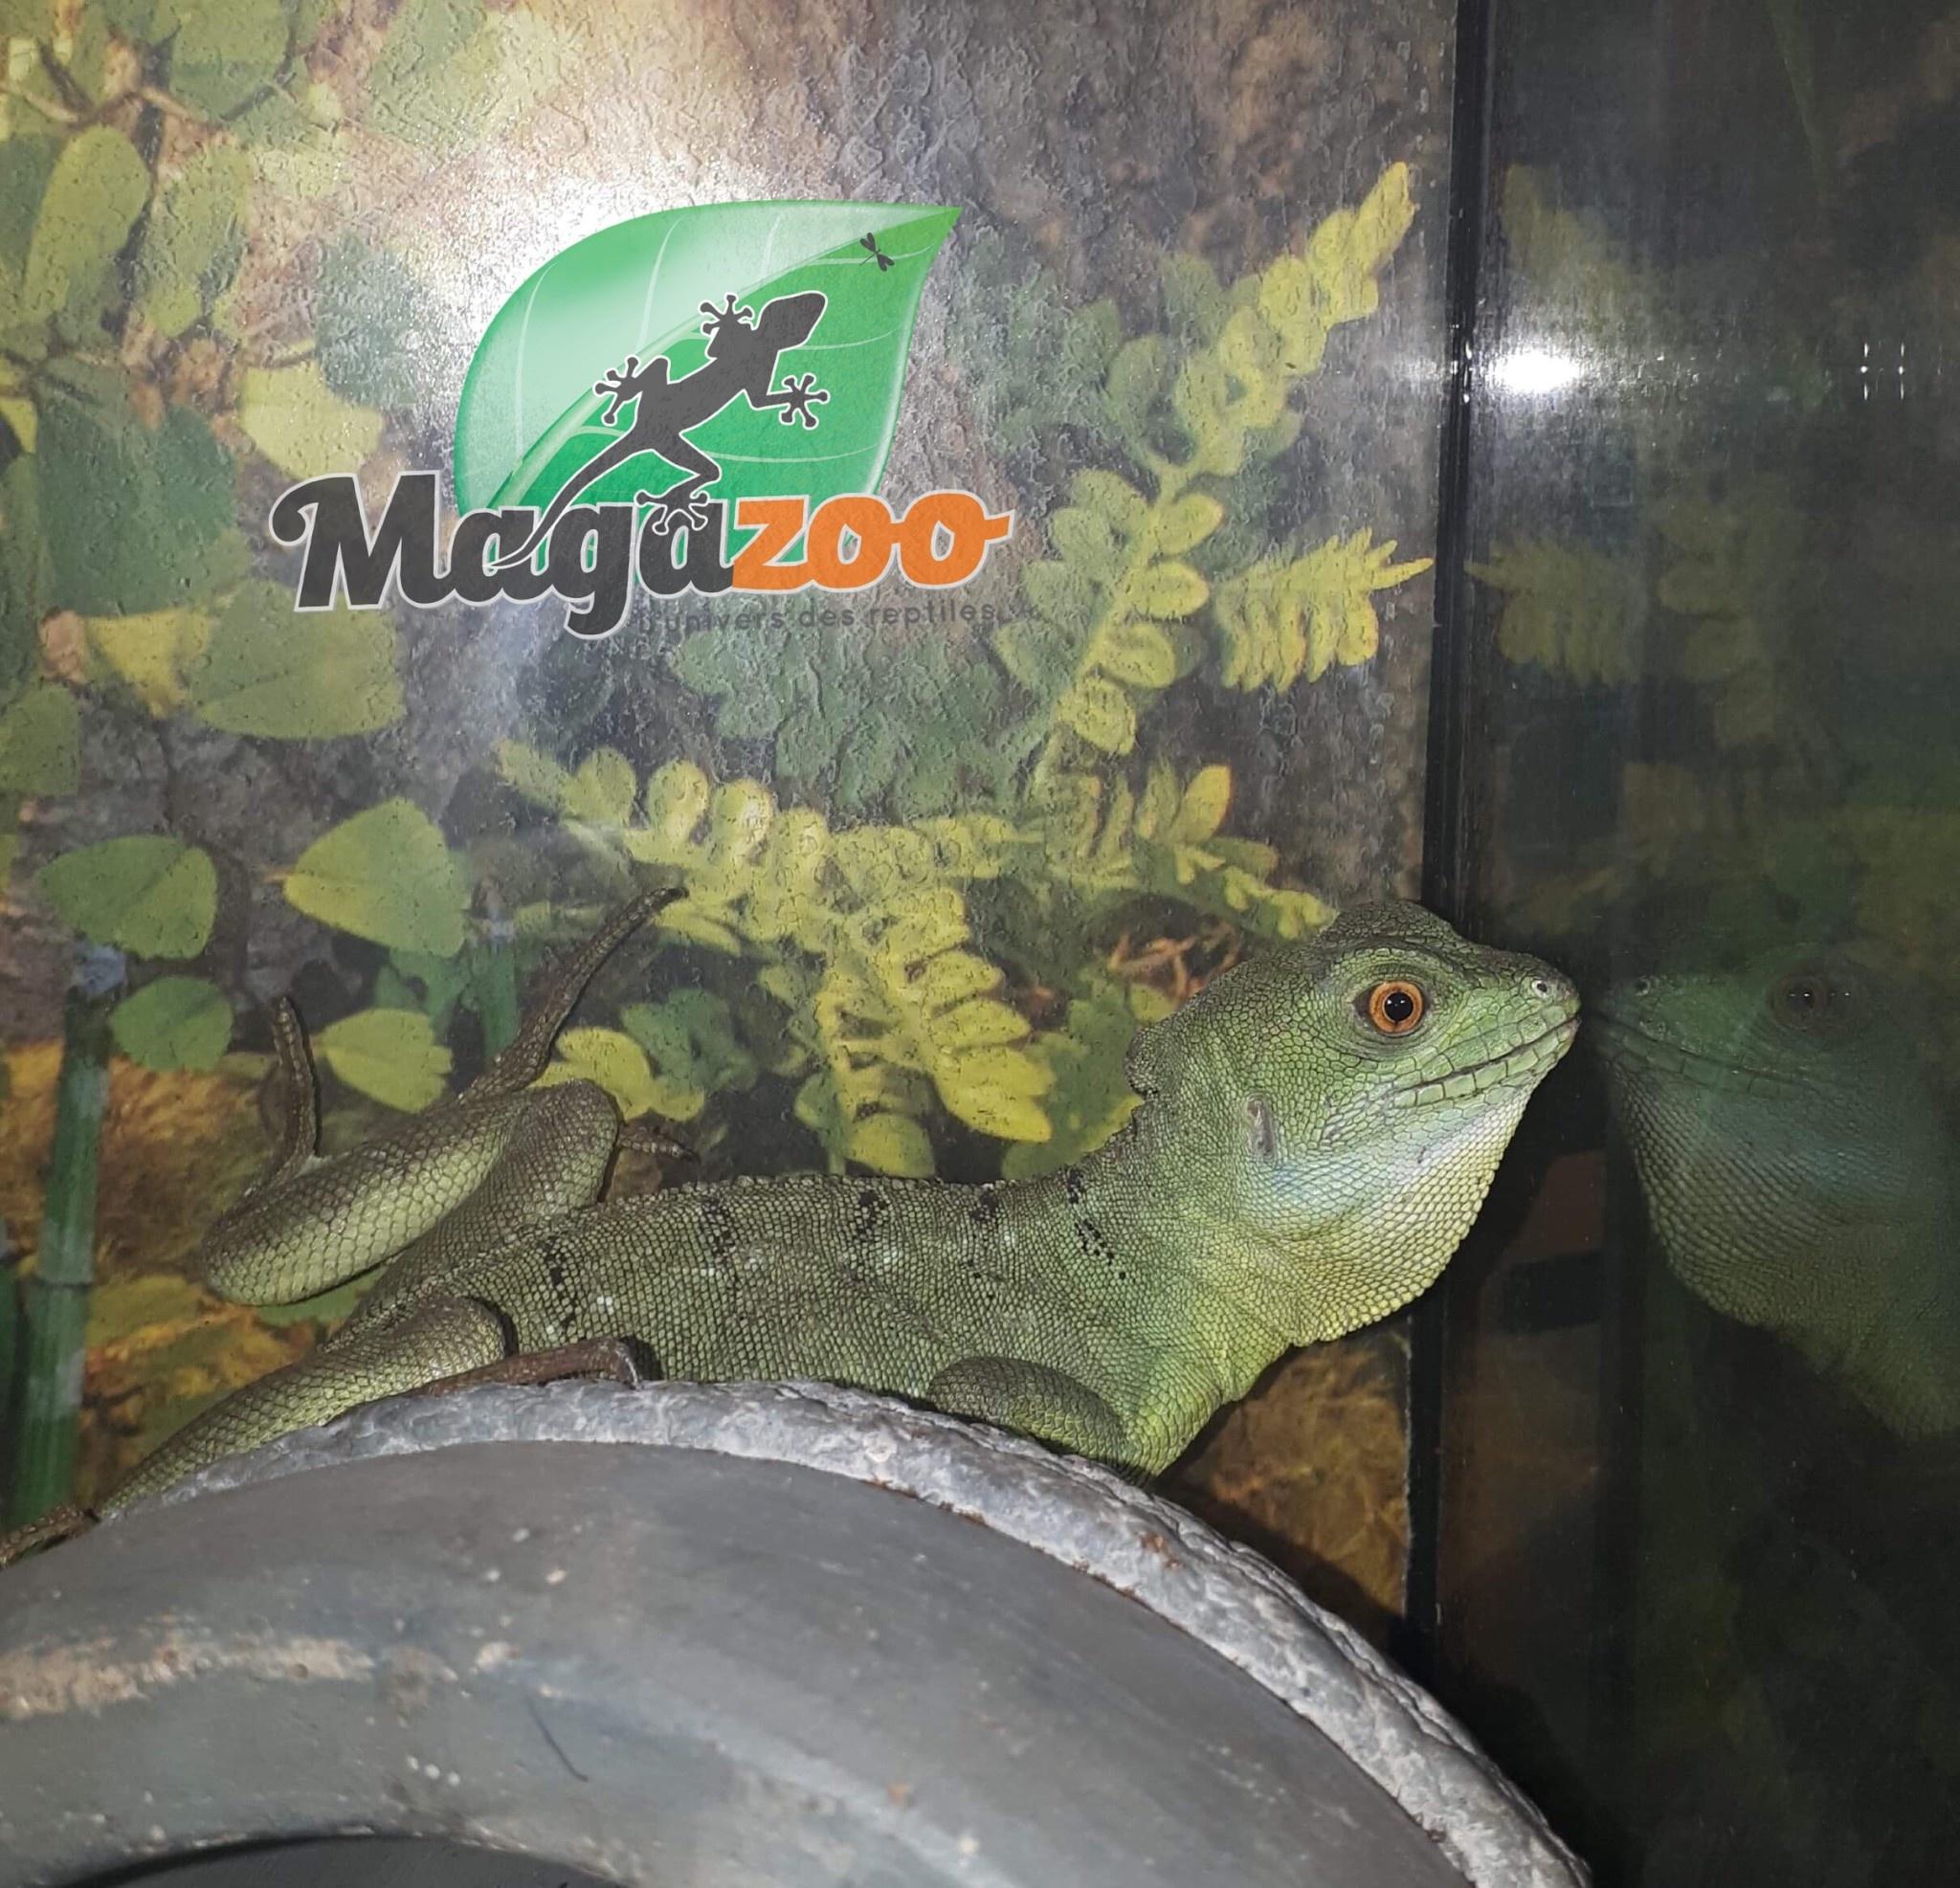 Magazoo Basilic vert femelle jeune adulte queue repousée Adoption - 2ième chance